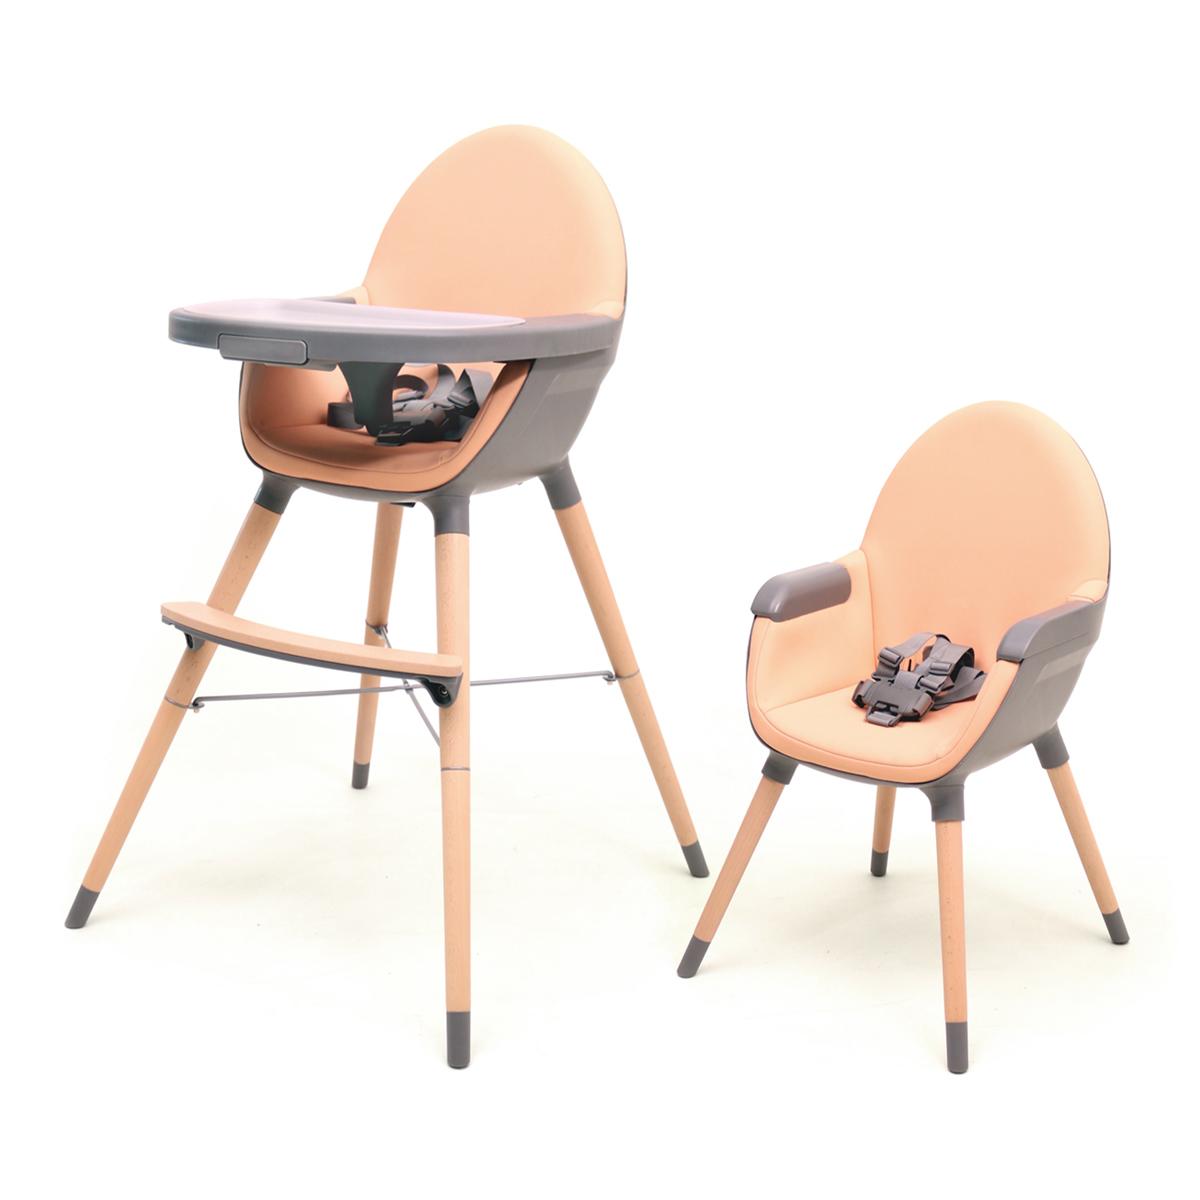 Chaise haute évolutive AT4 Essentiel - Pêche et gris